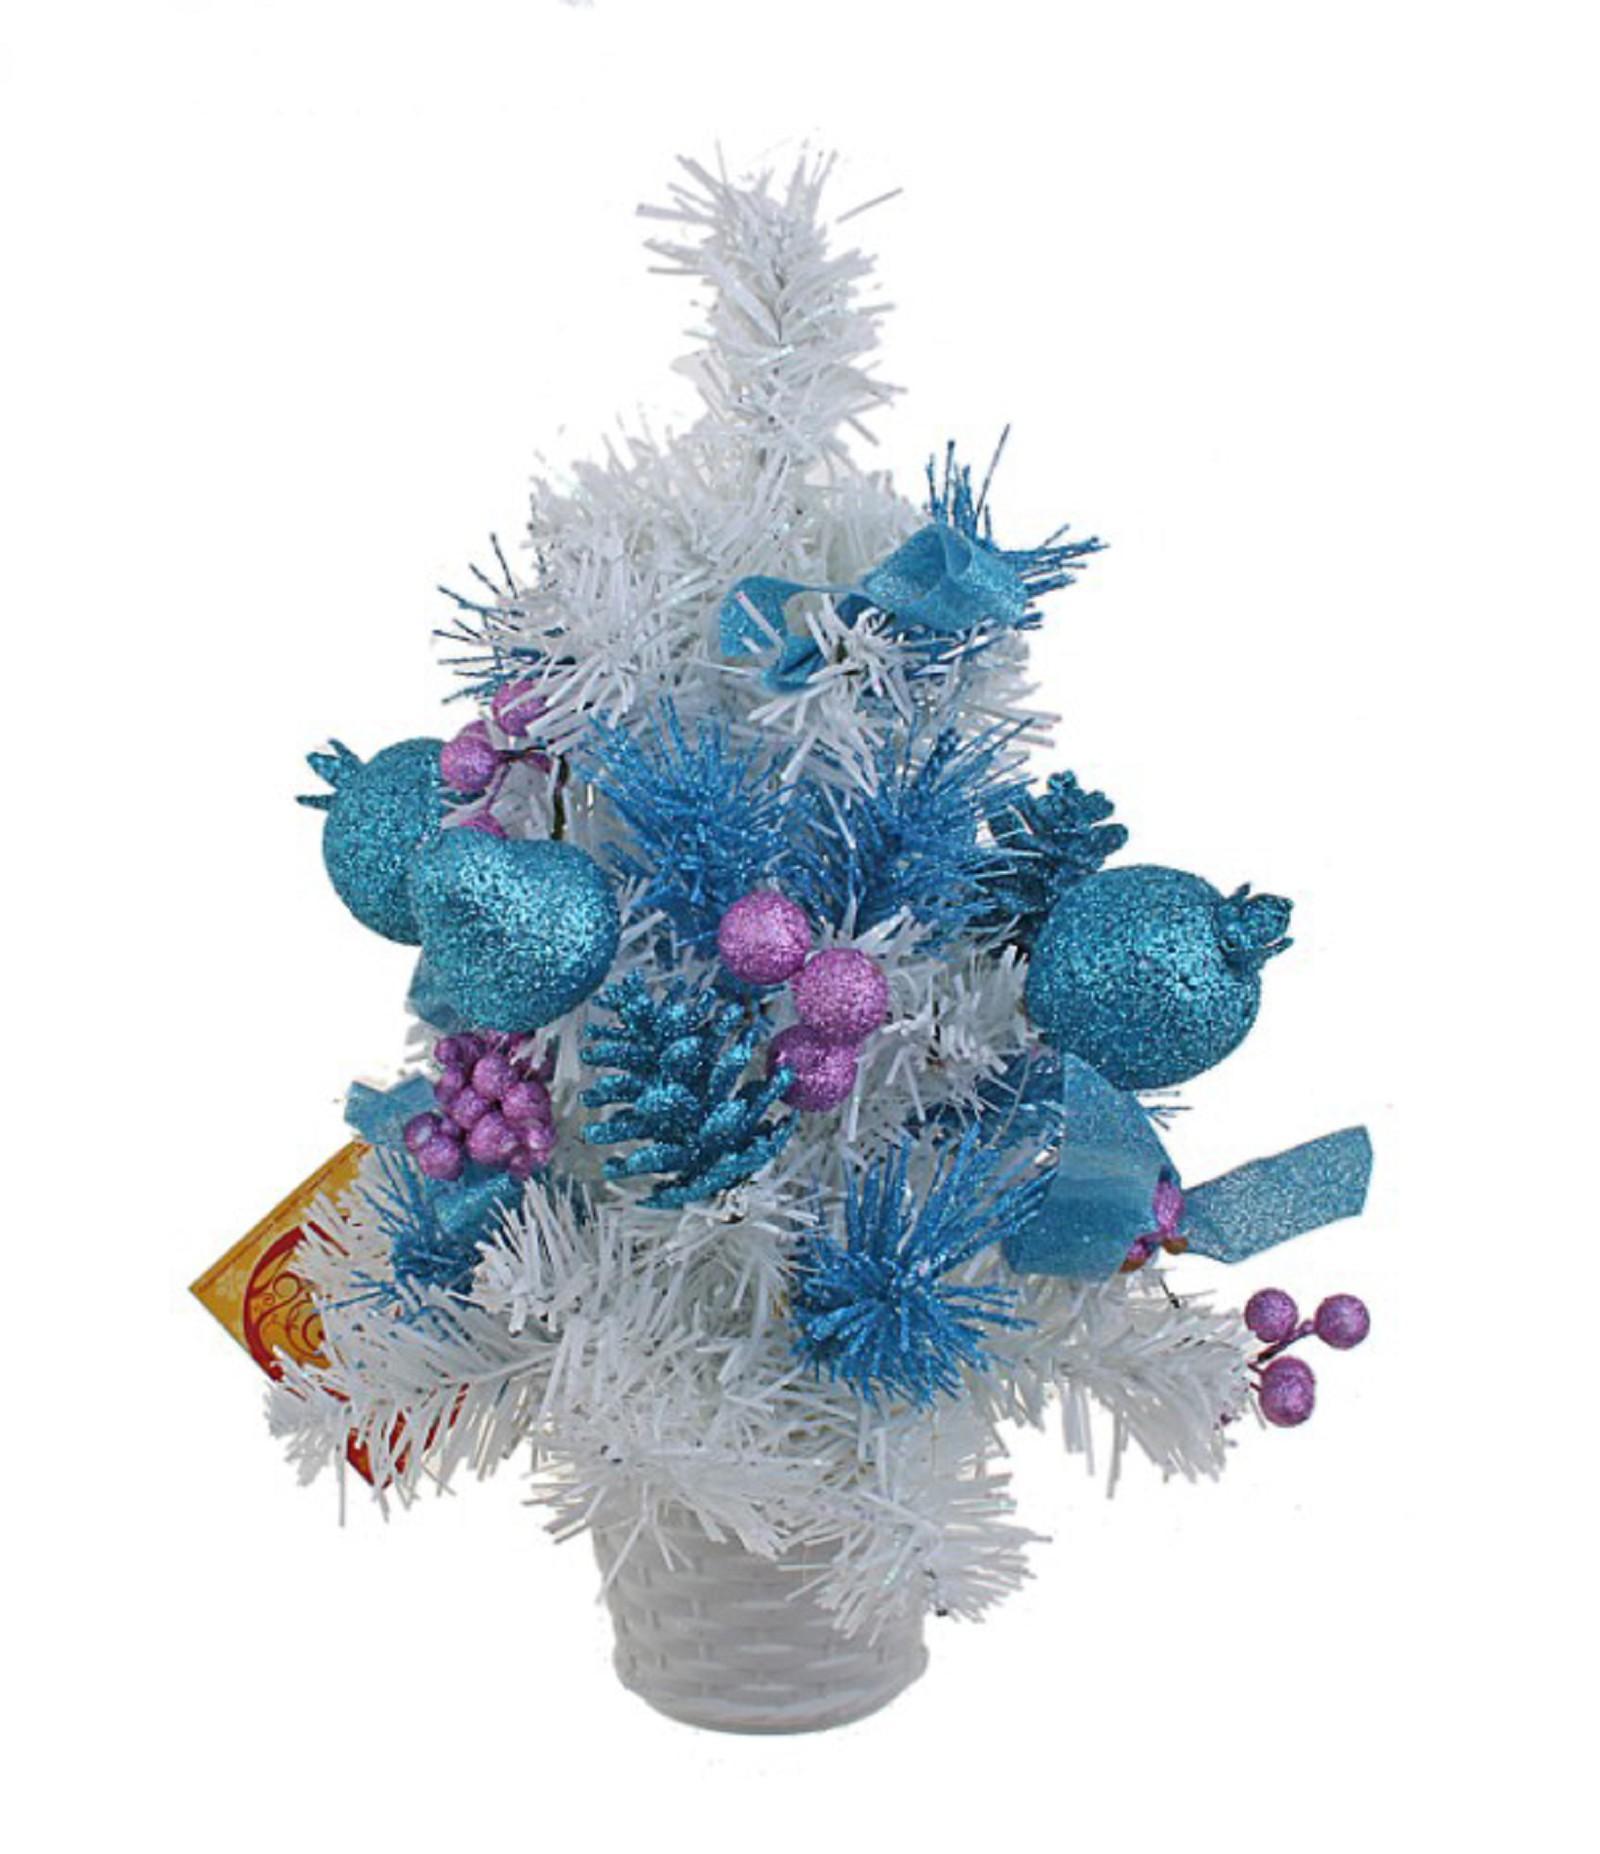 Декоративное украшение Новогодняя елочка, цвет: белый, голубой, сиреневый, высота 30 см. 705177BH0429_белыйДекоративное украшение, выполненное из пластика - мини-елочка для оформления интерьера к Новому году. Ее не нужно ни собирать, ни наряжать, зато настроение праздника она создает очень быстро. Елка украшена шишками, лентами, елочными игрушками и шариками. Елка украсит интерьер вашего дома или офиса к Новому году и создаст теплую и уютную атмосферу праздника.Откройте для себя удивительный мир сказок и грез. Почувствуйте волшебные минуты ожидания праздника, создайте новогоднее настроение вашим дорогим и близким. Характеристики:Материал: пластик, металл, текстиль. Цвет: белый, голубой, сиреневый. Размер елочки: 17 см х 17 см х 30 см. Артикул: 705177.